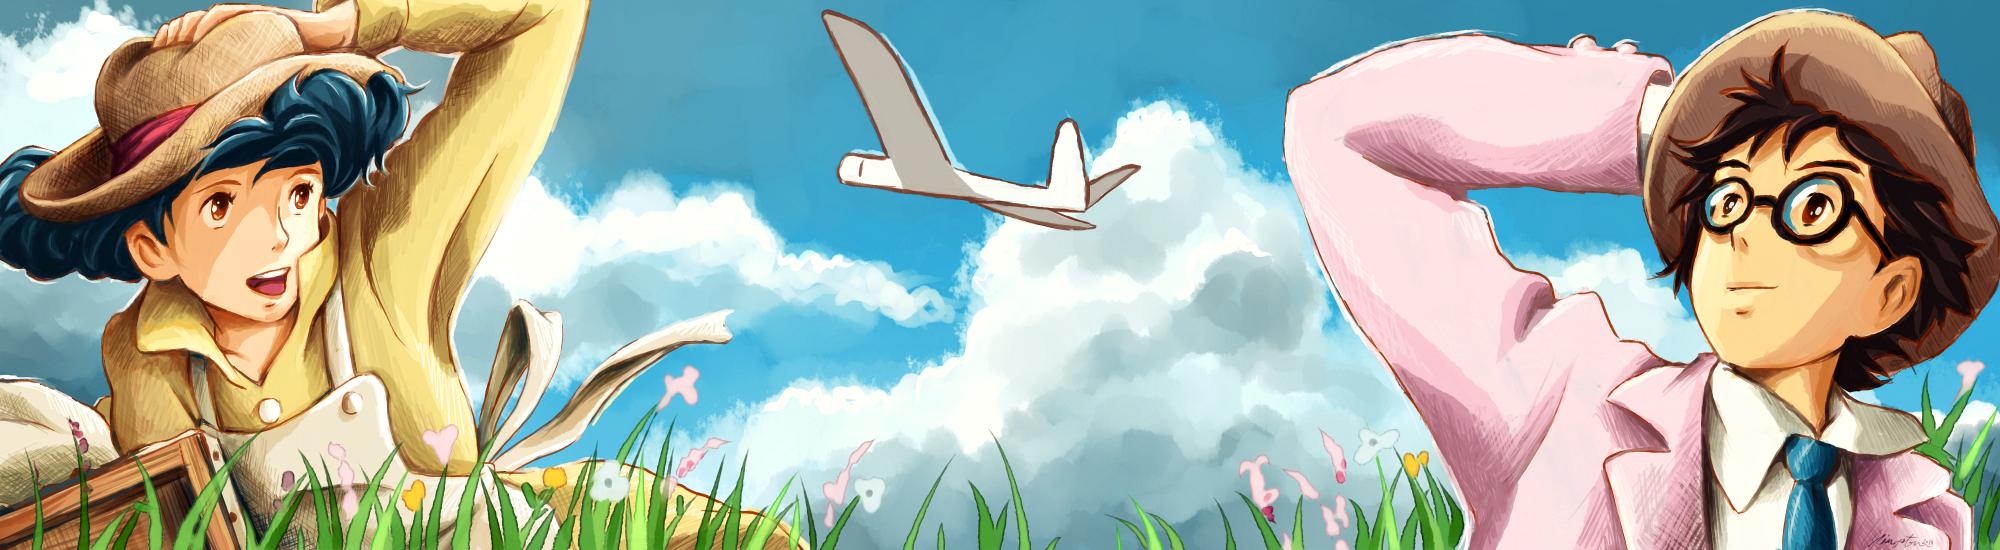 The Wind Rises By MangaKidArt